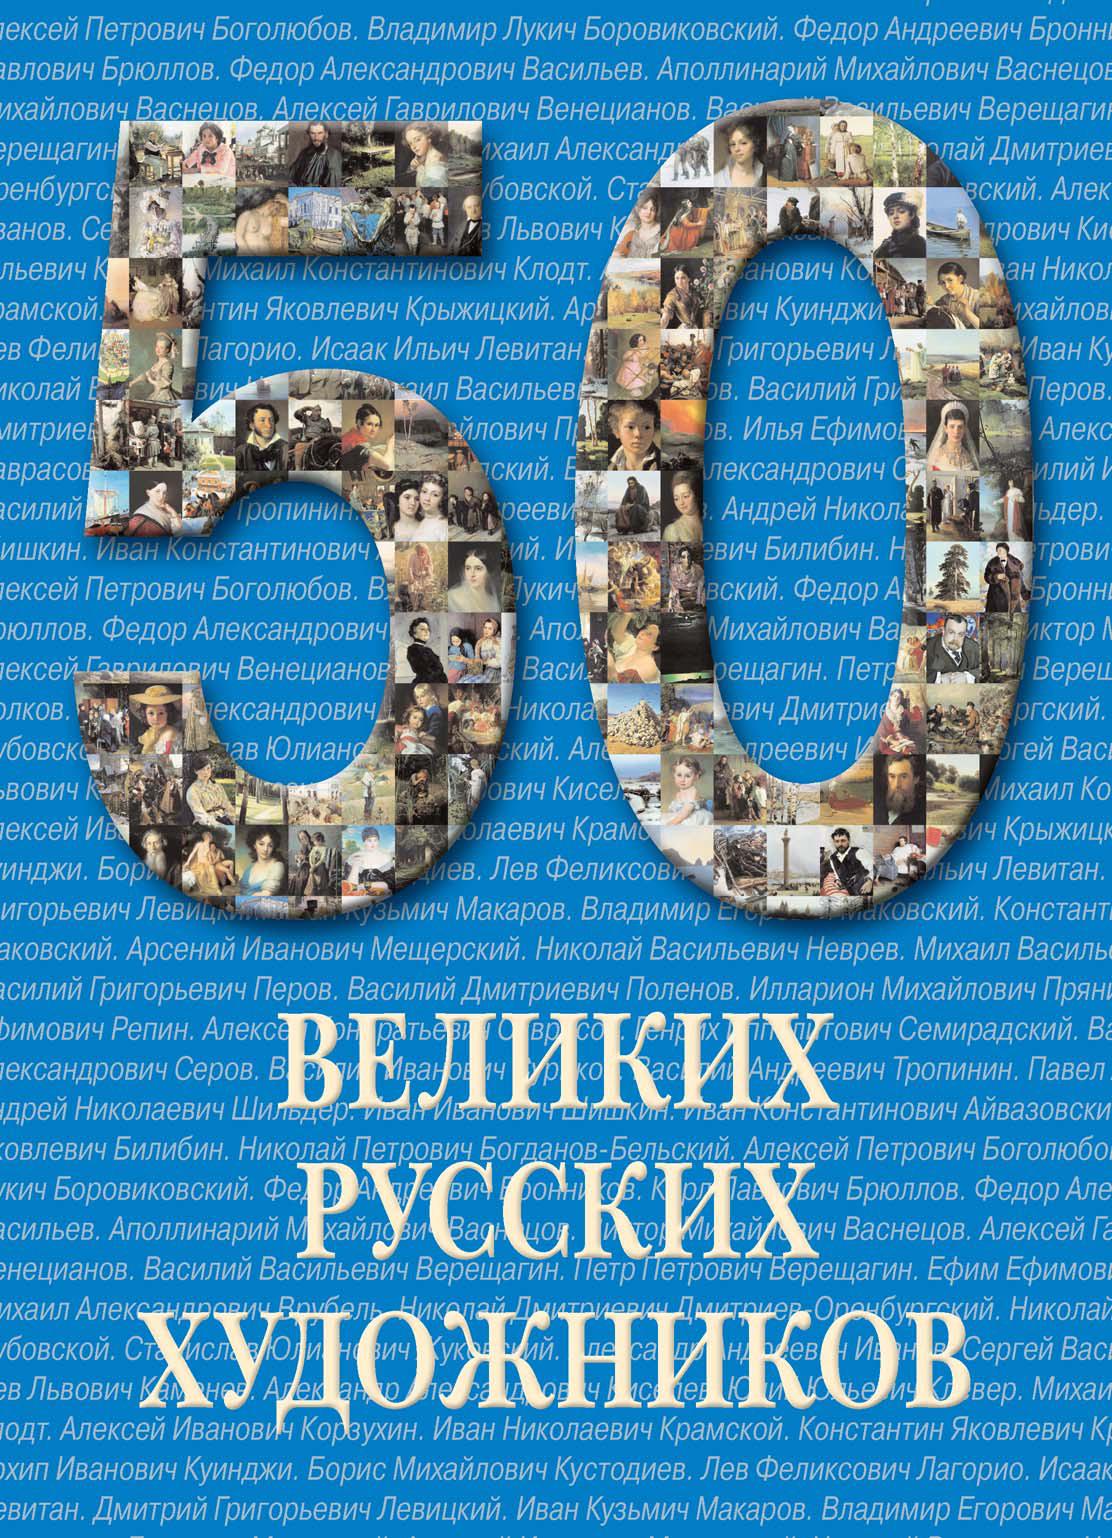 Юрий Астахов 50 великих русских художников цена